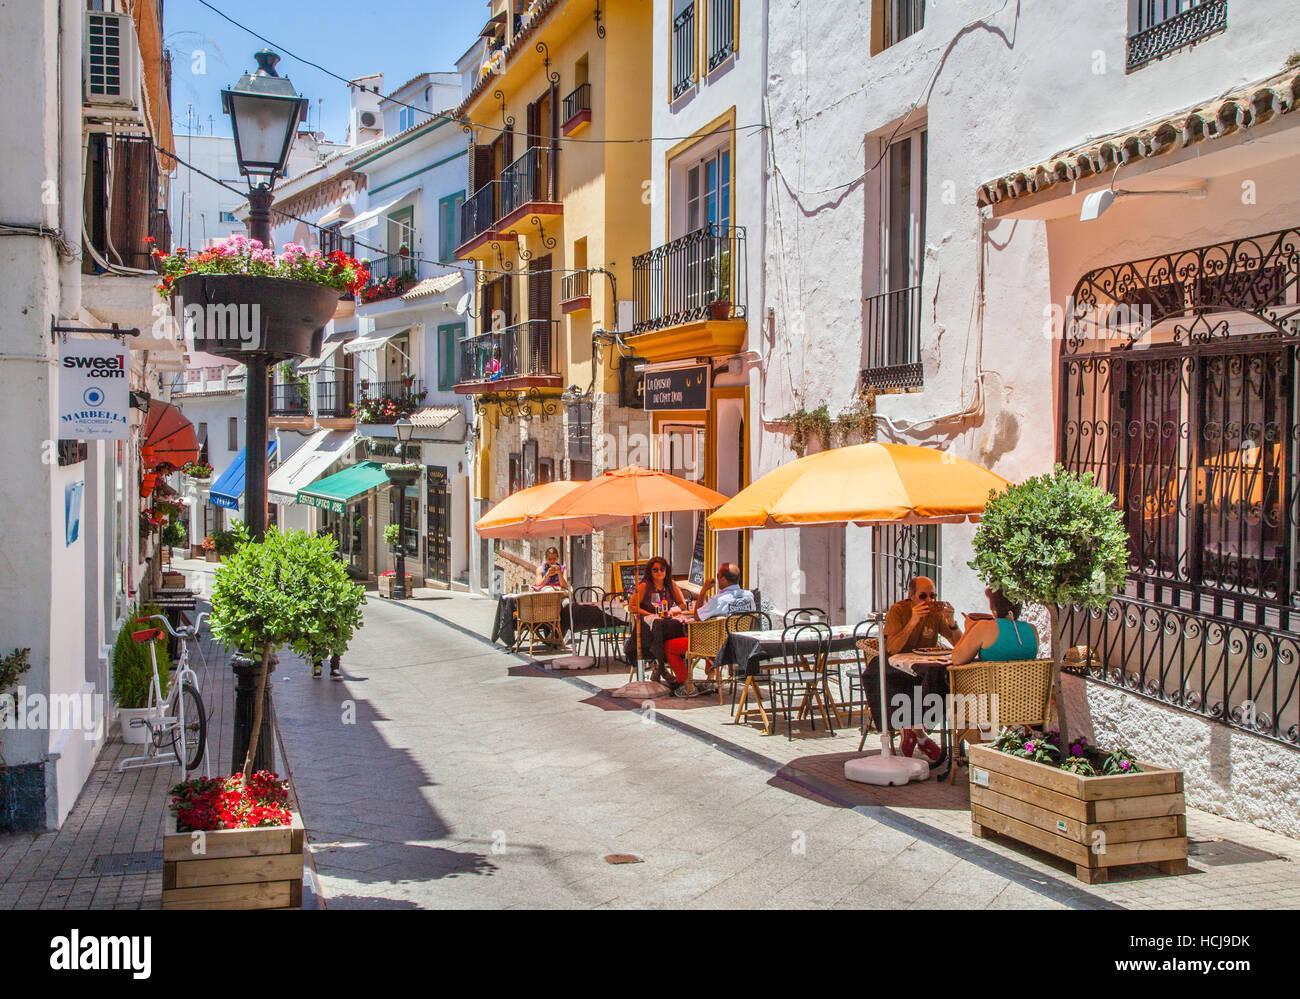 Spagna, Andalusia, provincia di Malaga, Costa del Sol, Marbella, Calle Peral a Casco Antiguo, Marbella Old Town Immagini Stock